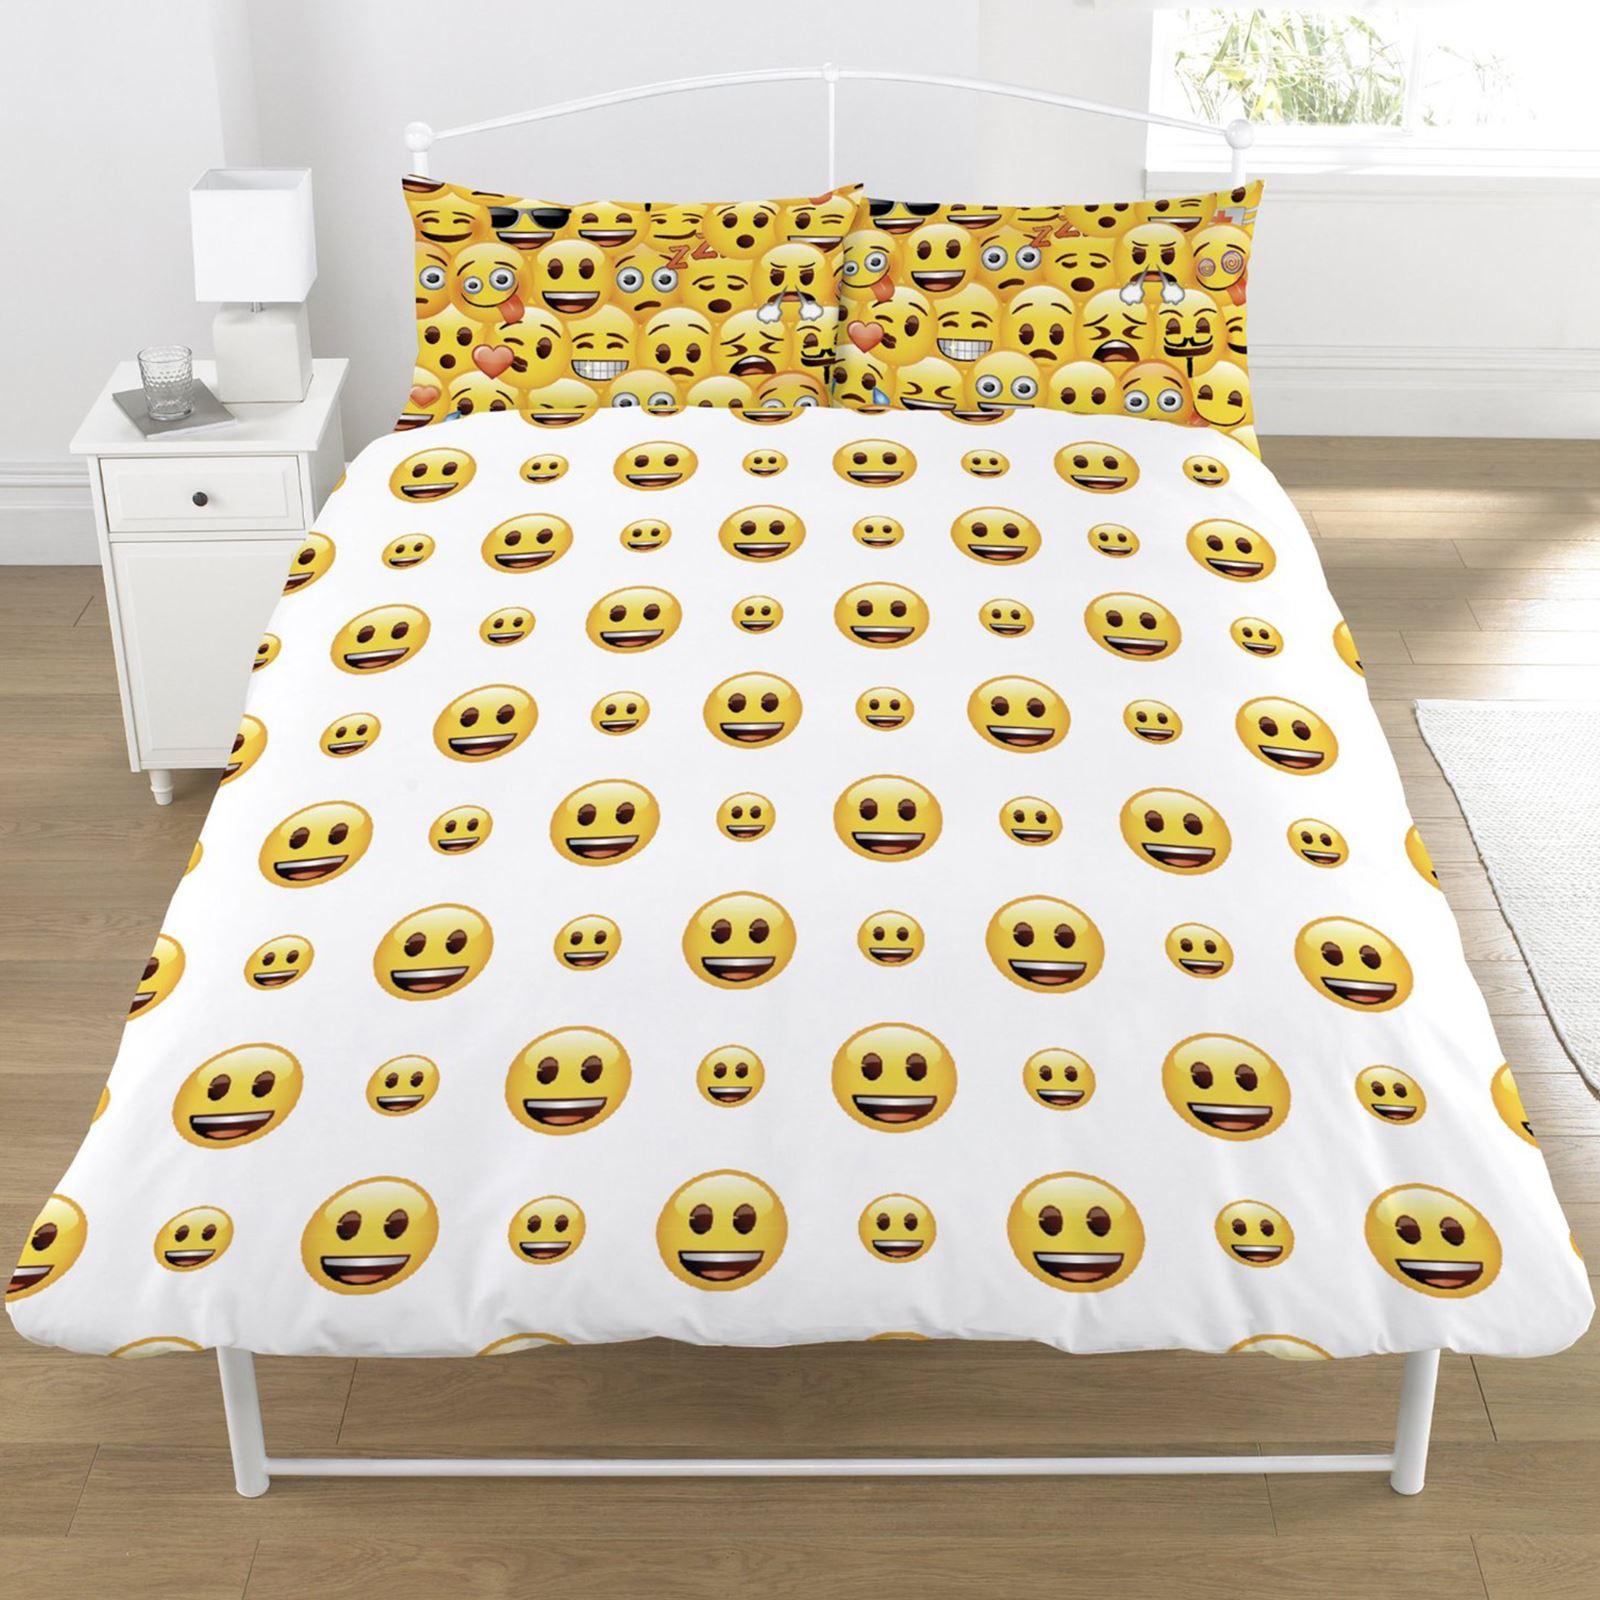 Indexbild 169 - Teenager Bettwäsche Sets - Einzel / Doppelbett Bettwäsche Jungen Musik Graffiti